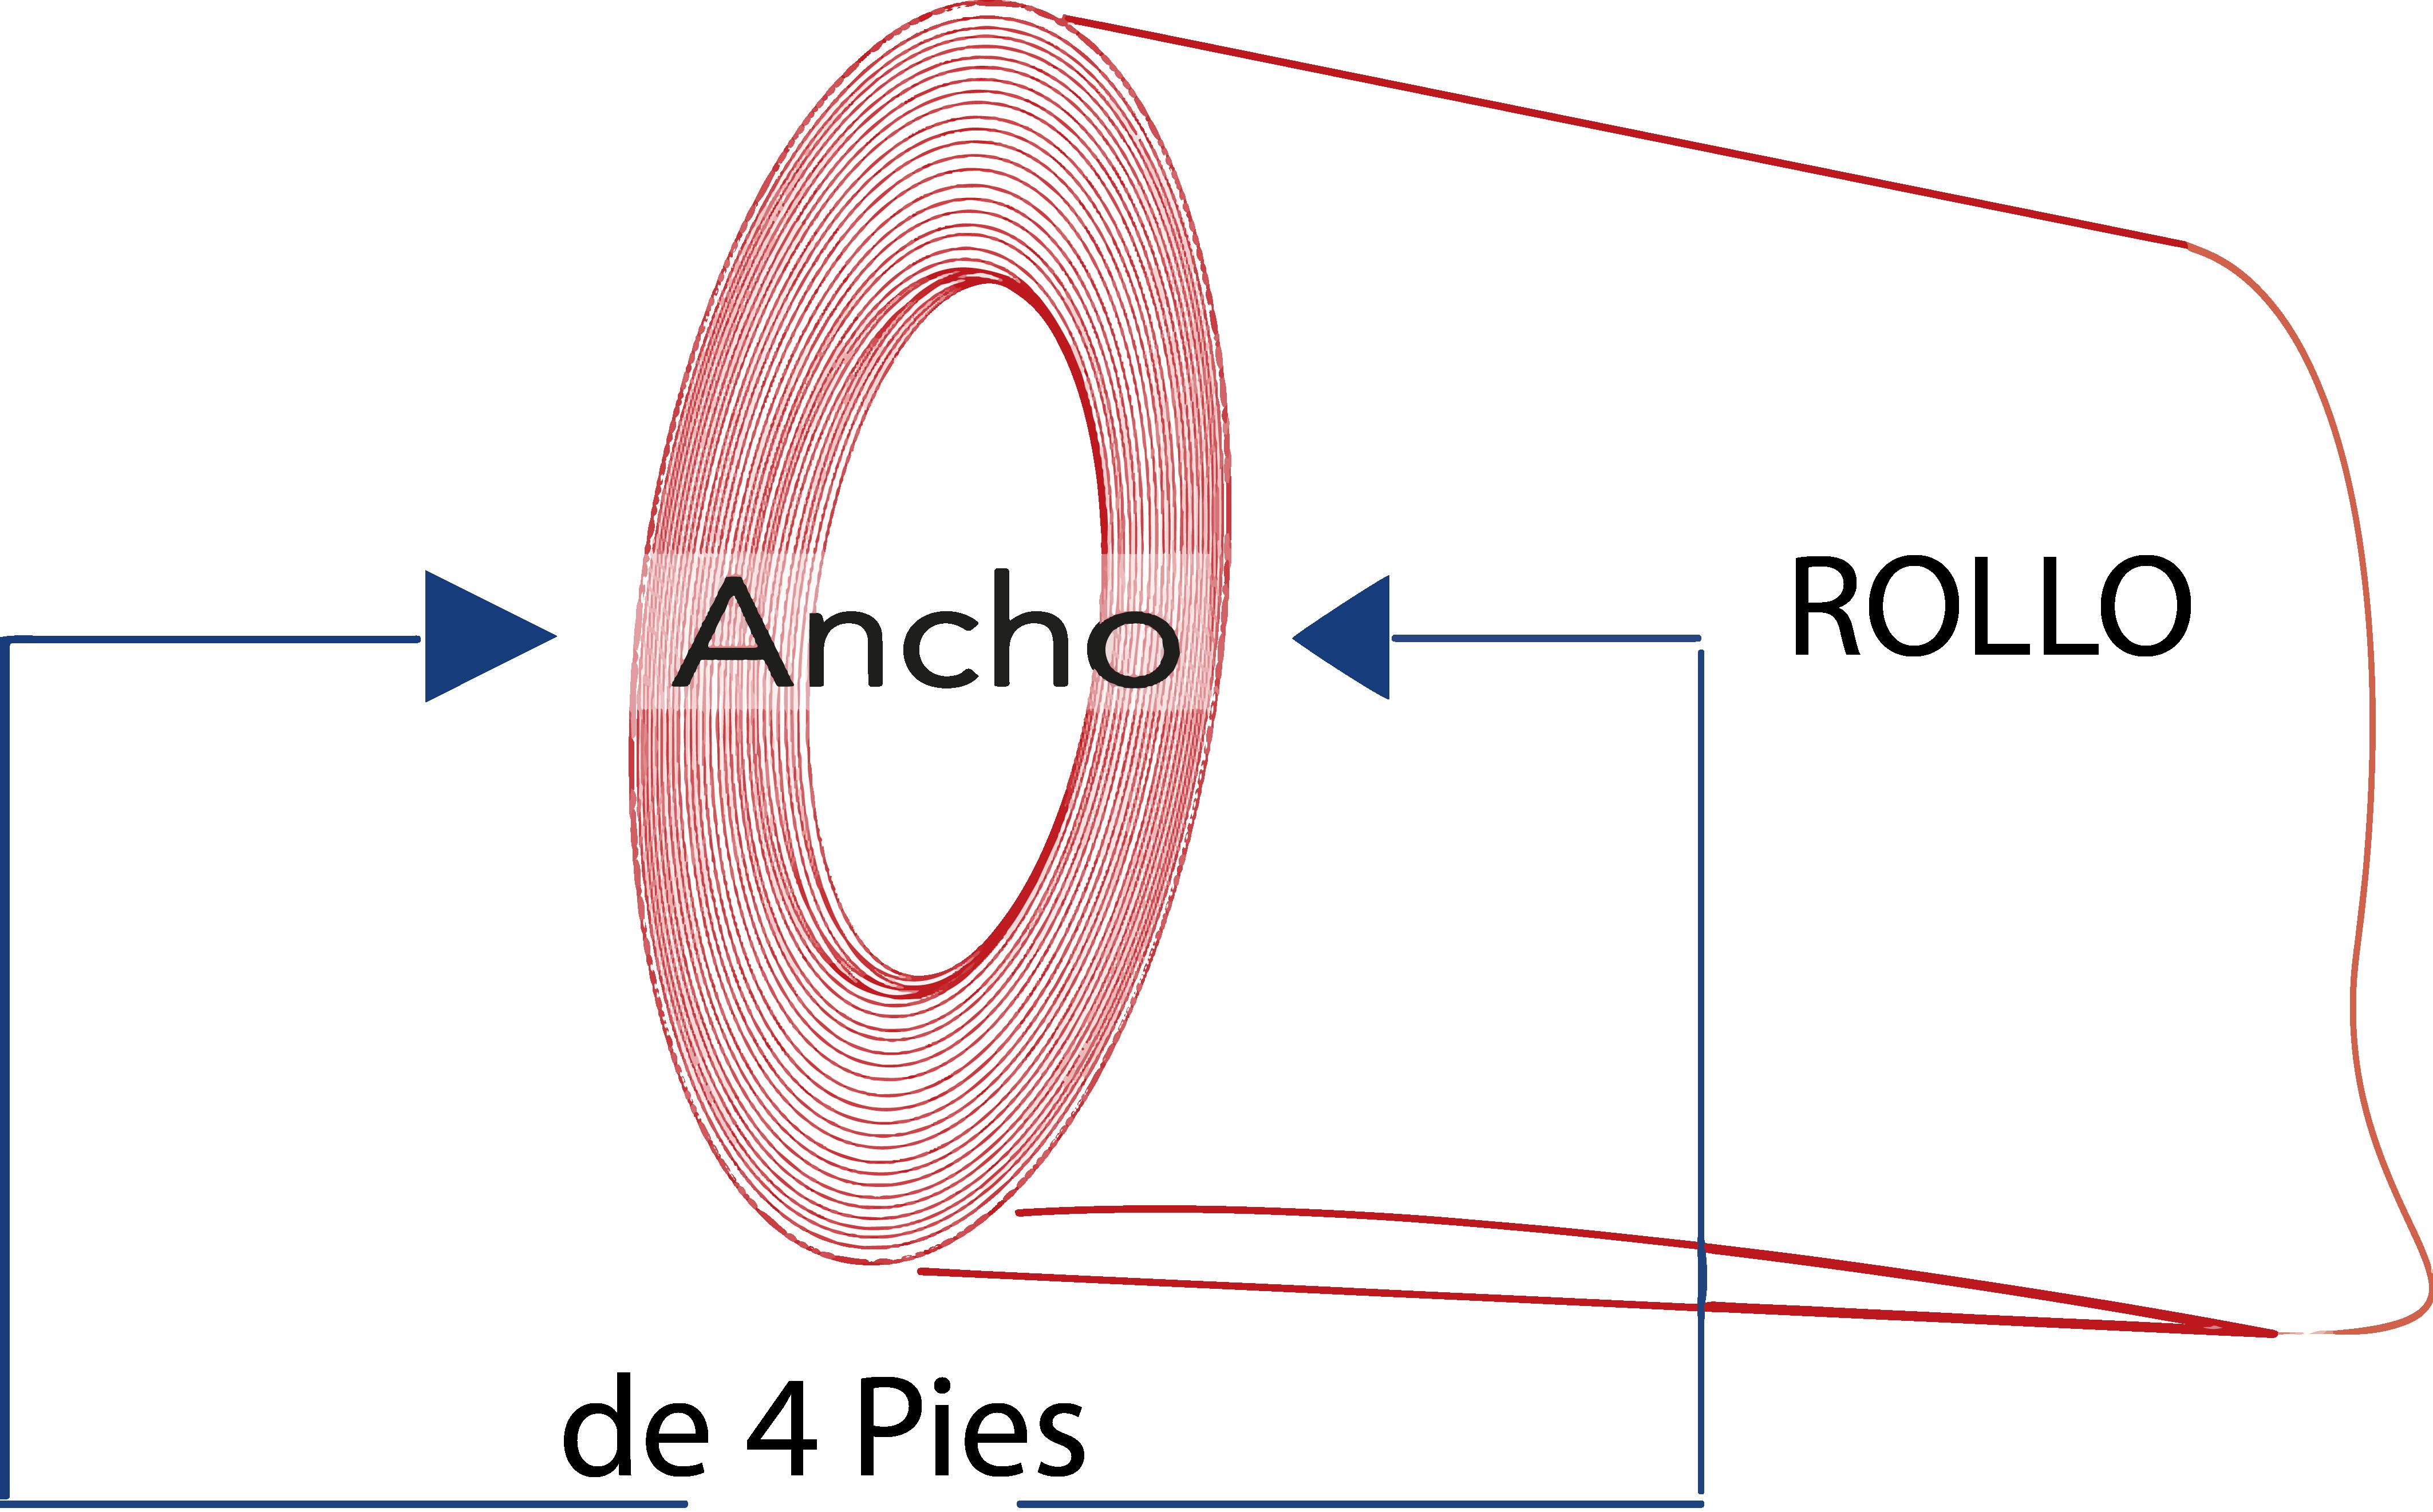 Diagrama del rollo de 4 pies